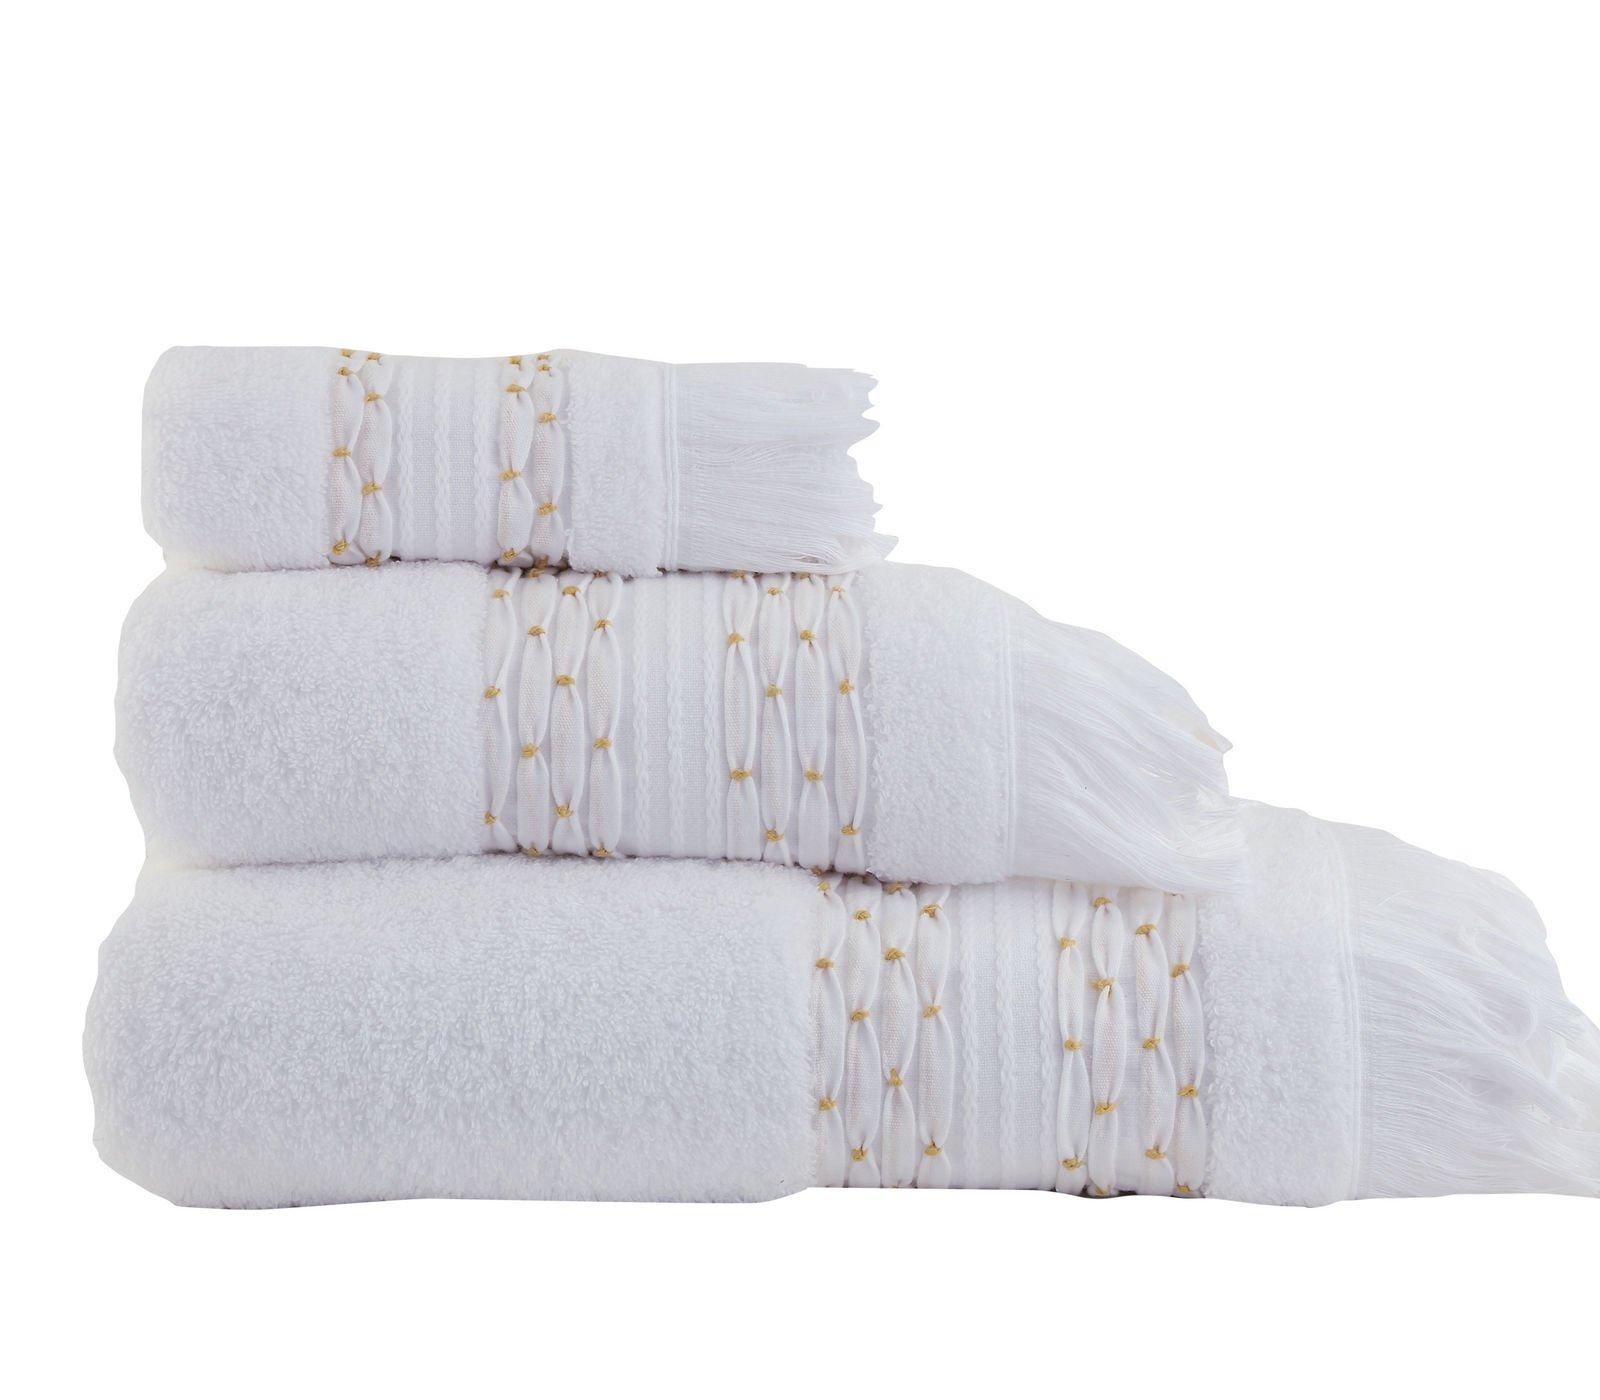 Πετσέτες Μπάνιου (Σετ 3 Τμχ) Nef Nef Kenthth Jilian Λευκό